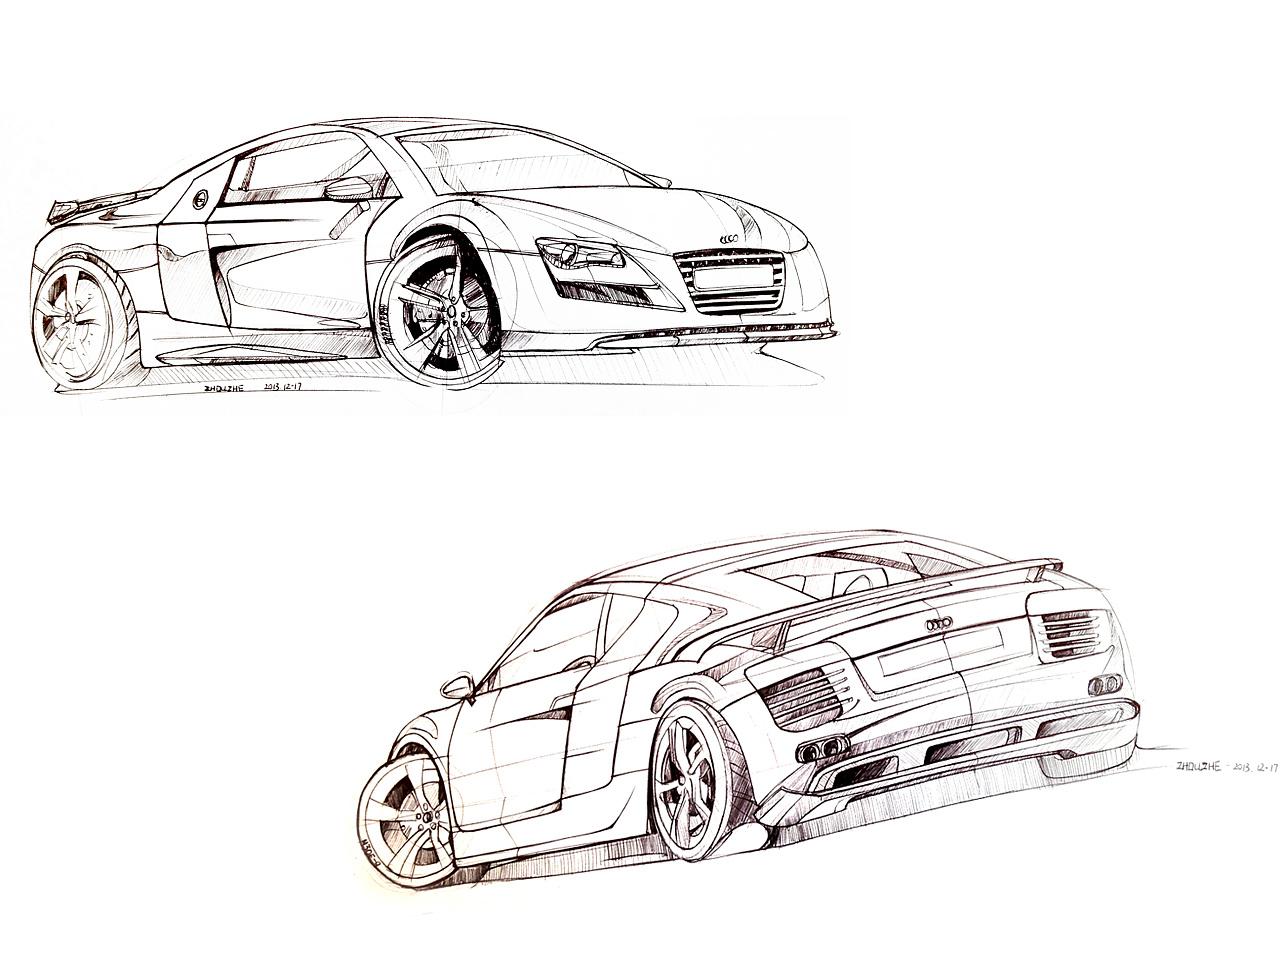 汽车手绘线稿|工业/产品|交通工具|周小者 - 原创作品